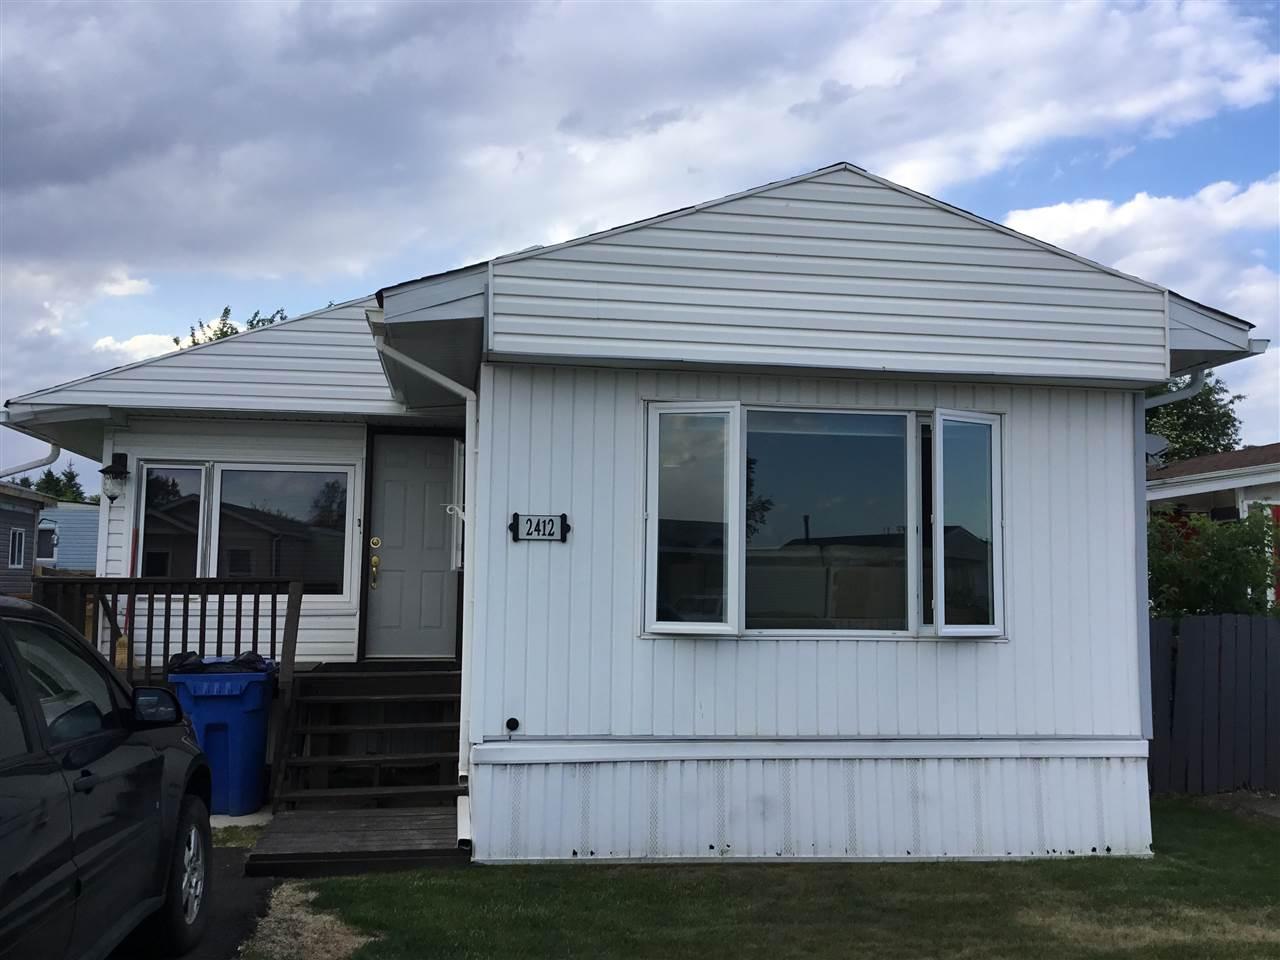 2412 10770 Winterburn Road, 3 bed, 1 bath, at $79,900